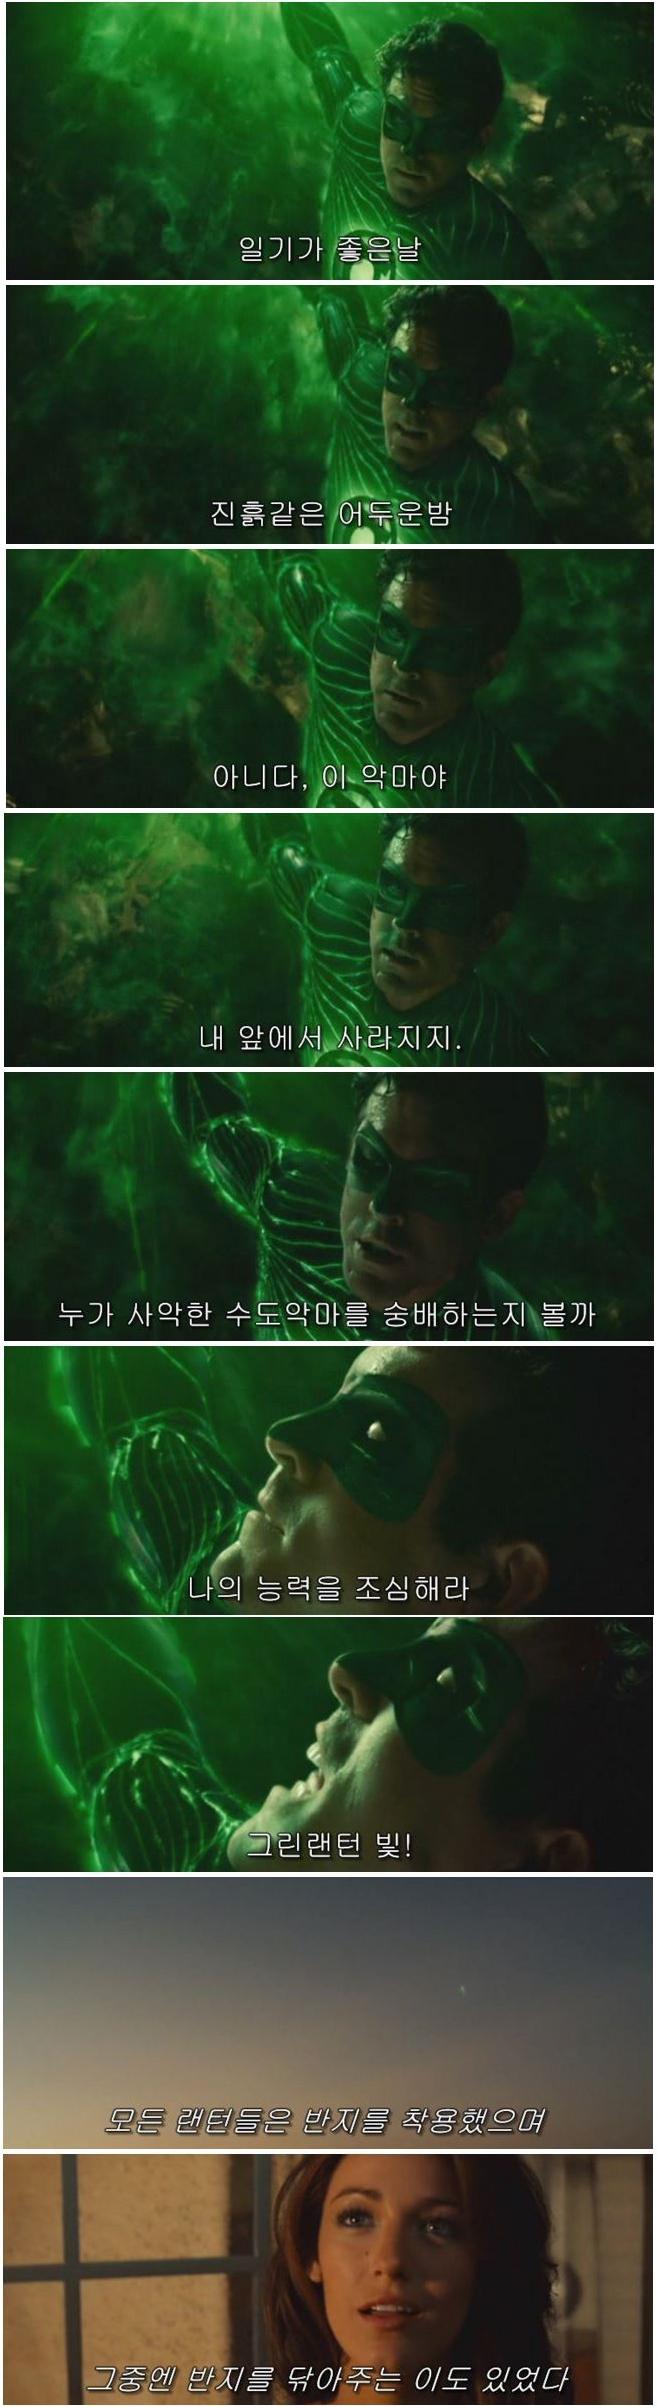 그린랜턴-vert